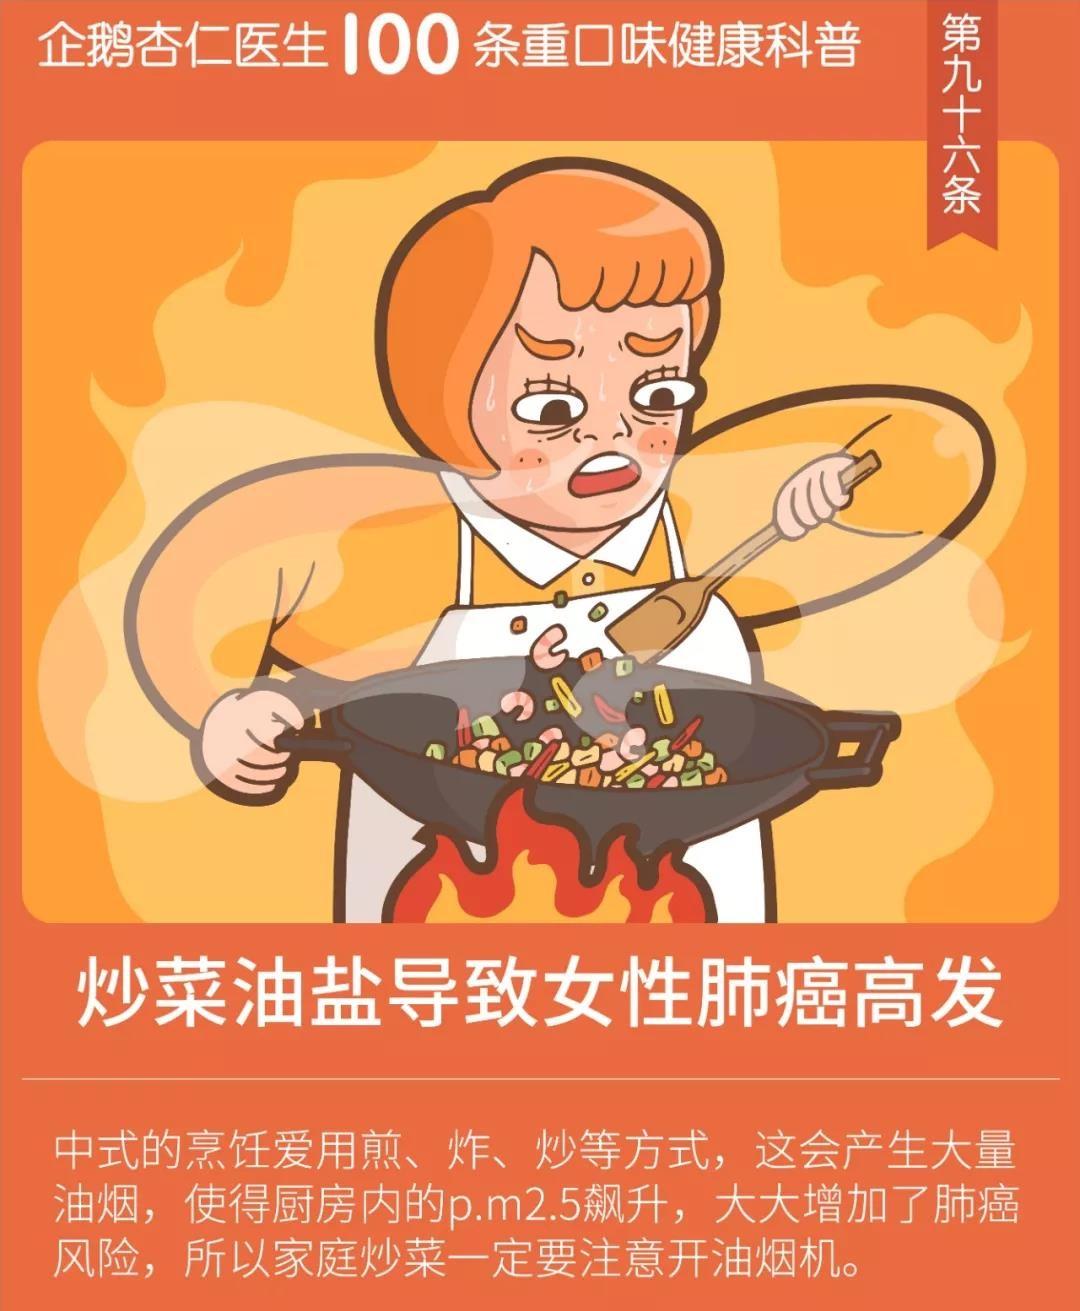 中国女性抽烟少,为何肺癌高发?